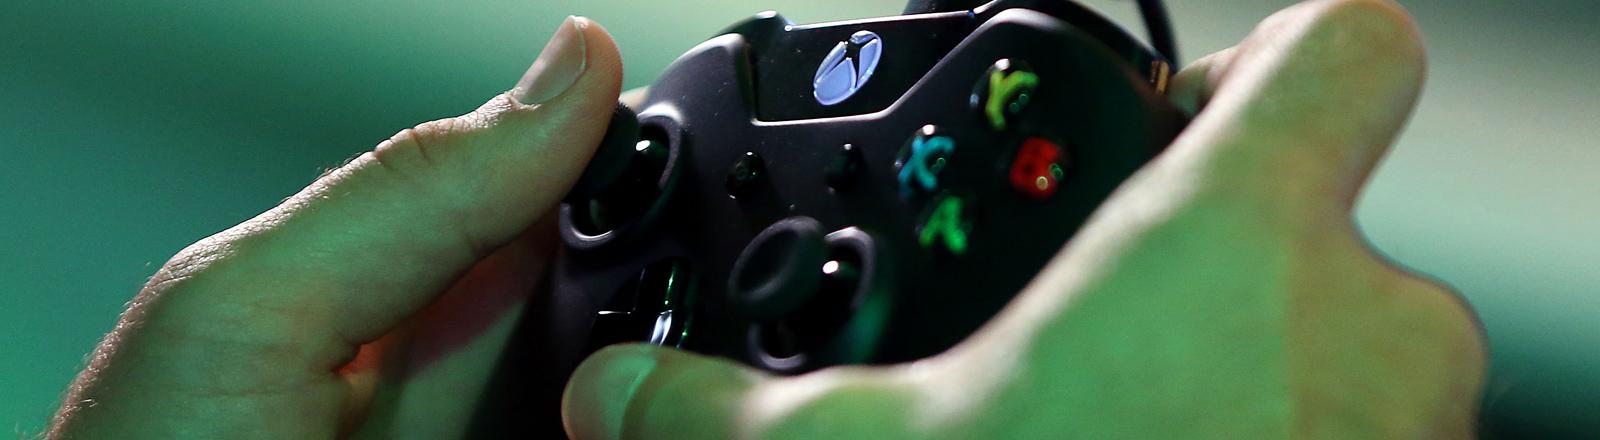 Spielekonsole Xbox One von Microsoft